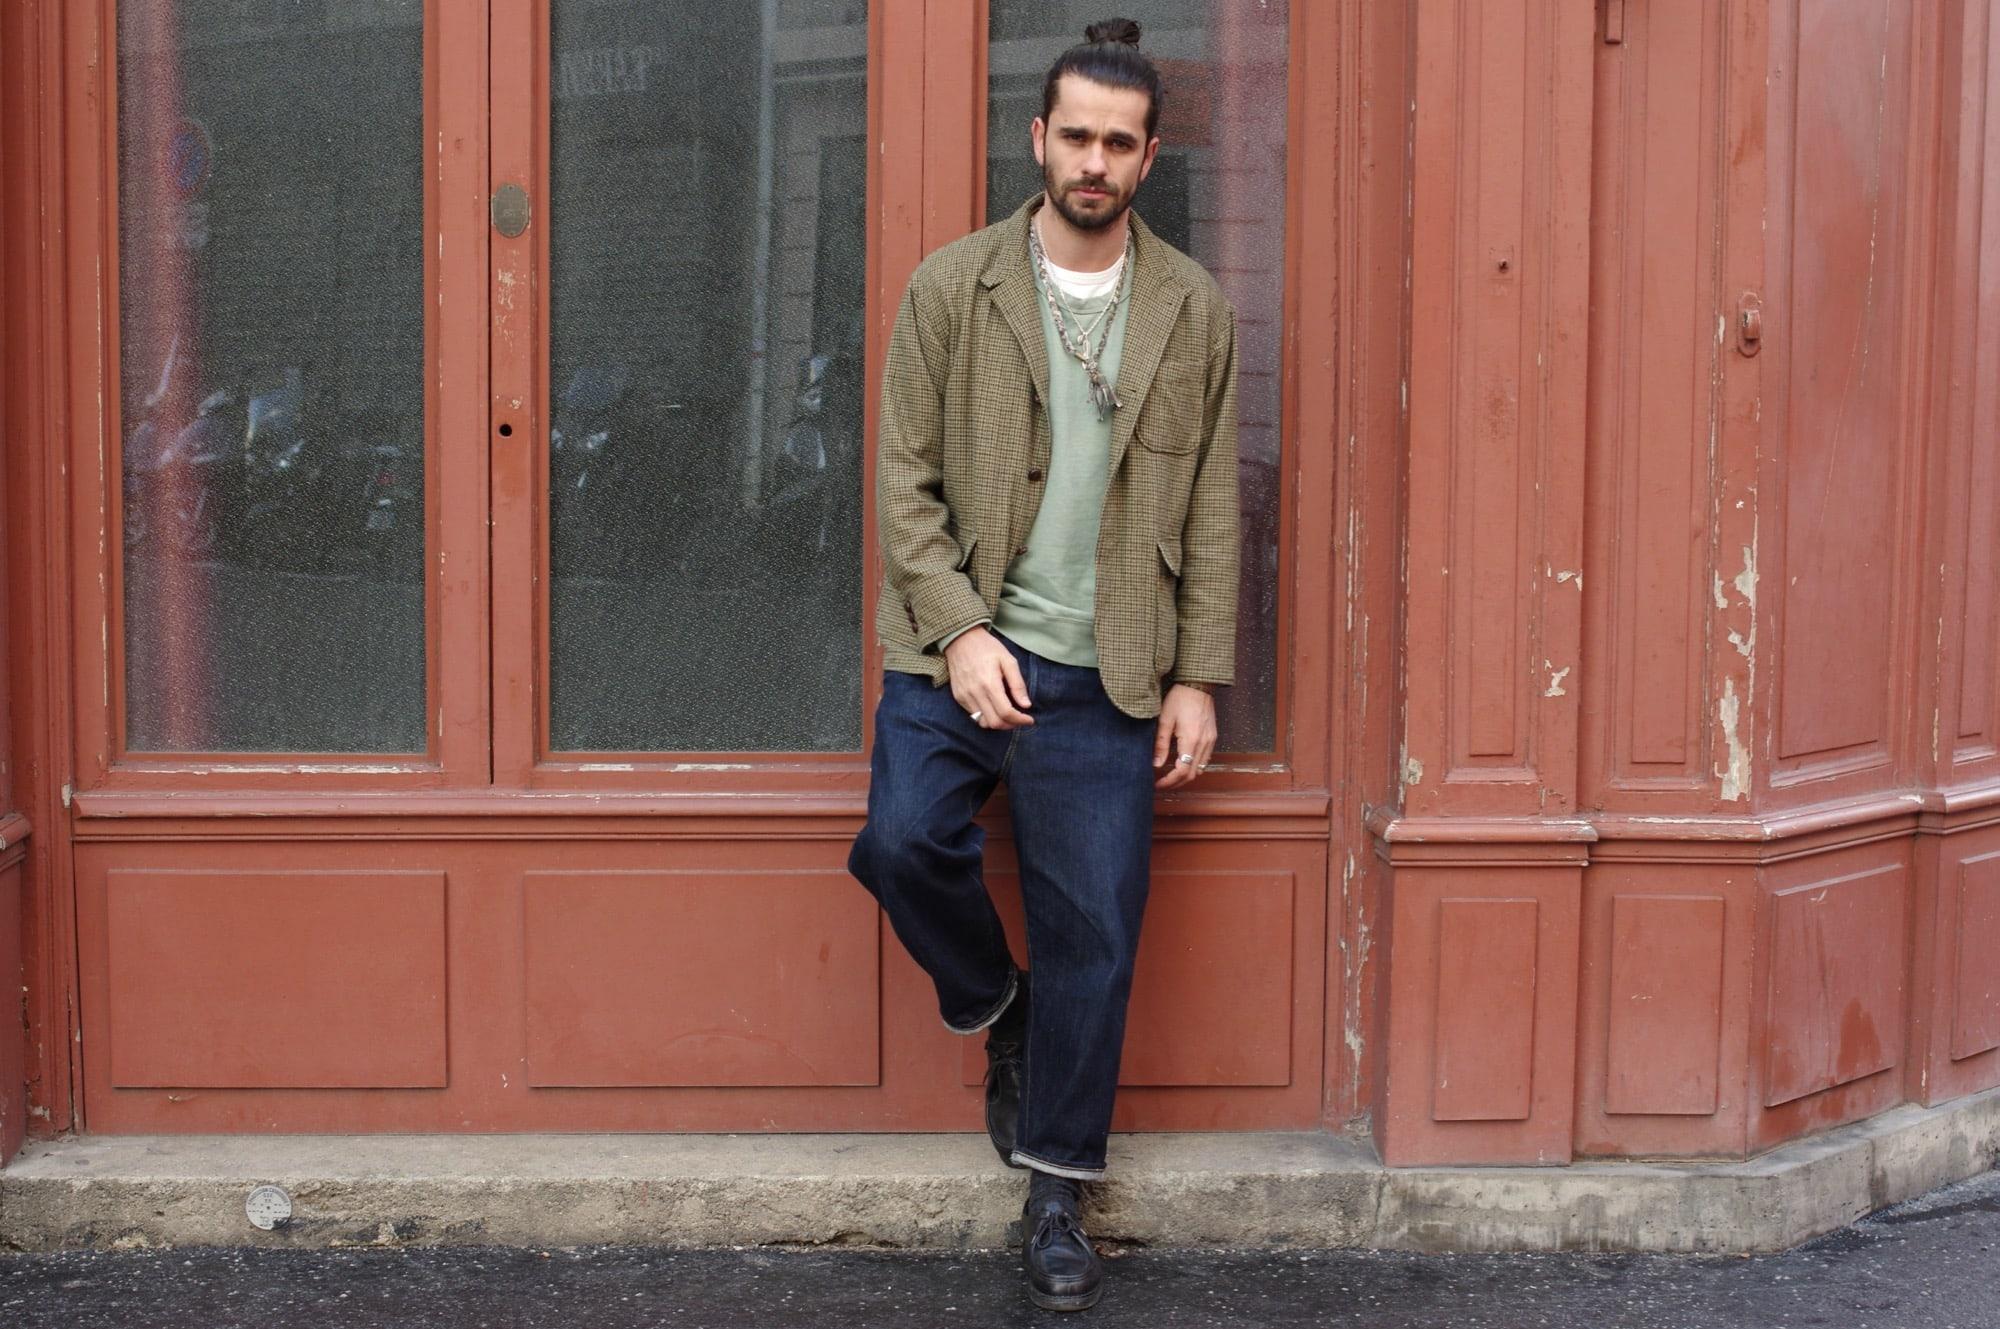 conseil mode masculine comment porter une veste en motif pied de poule dasn un style street heritage homme